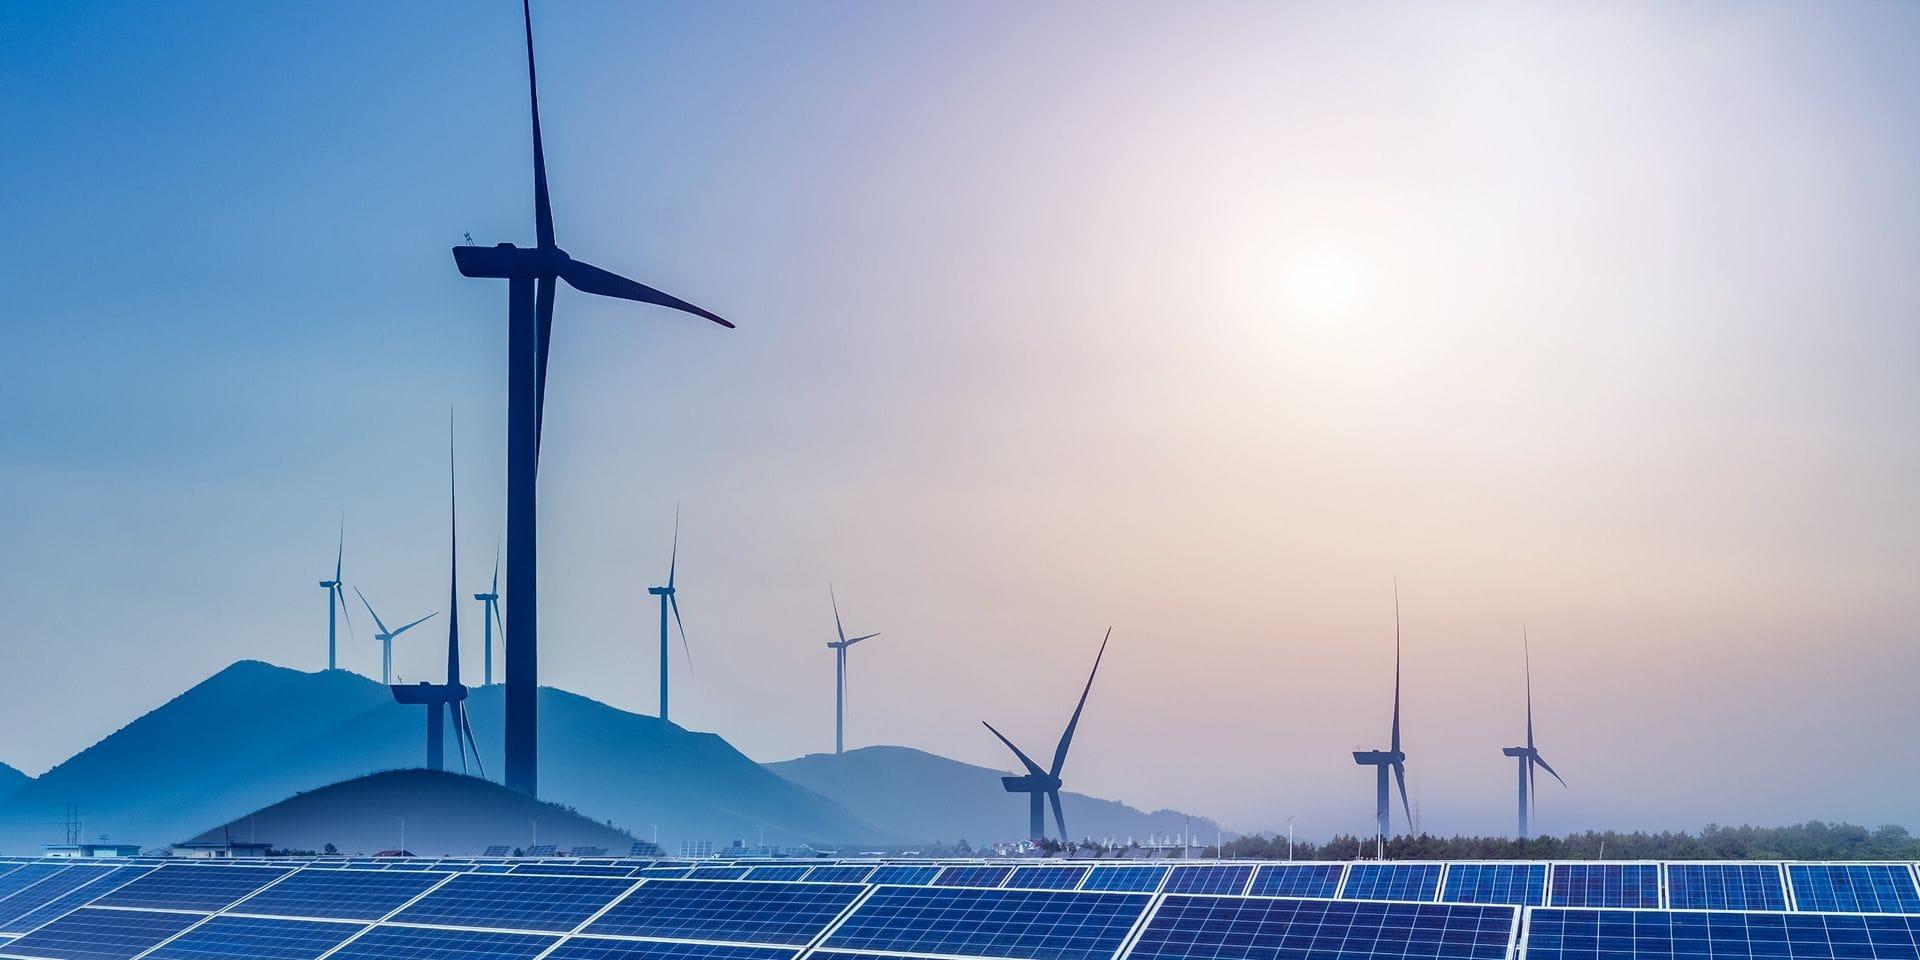 Un appel à faire la lumière sur la question des énergies renouvelables dans les pays émergents